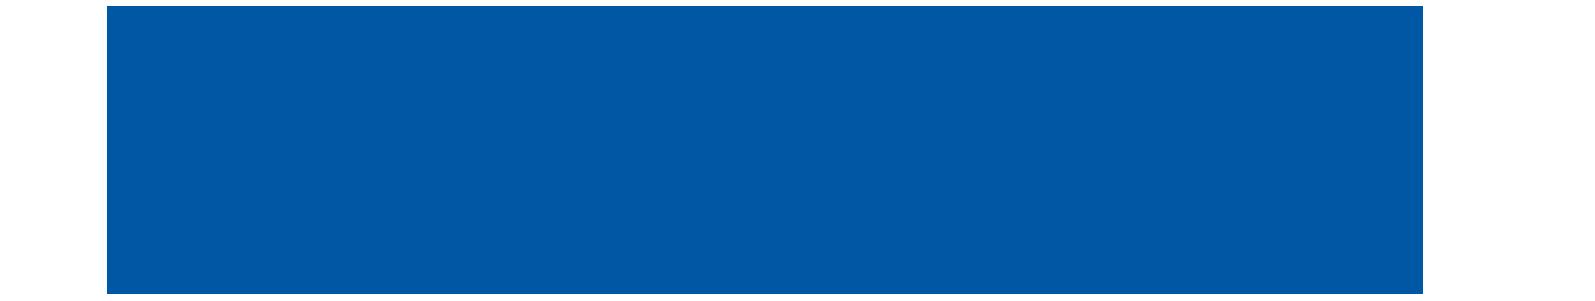 Fundación de la Caja de Canarias miembro del grupo CECA